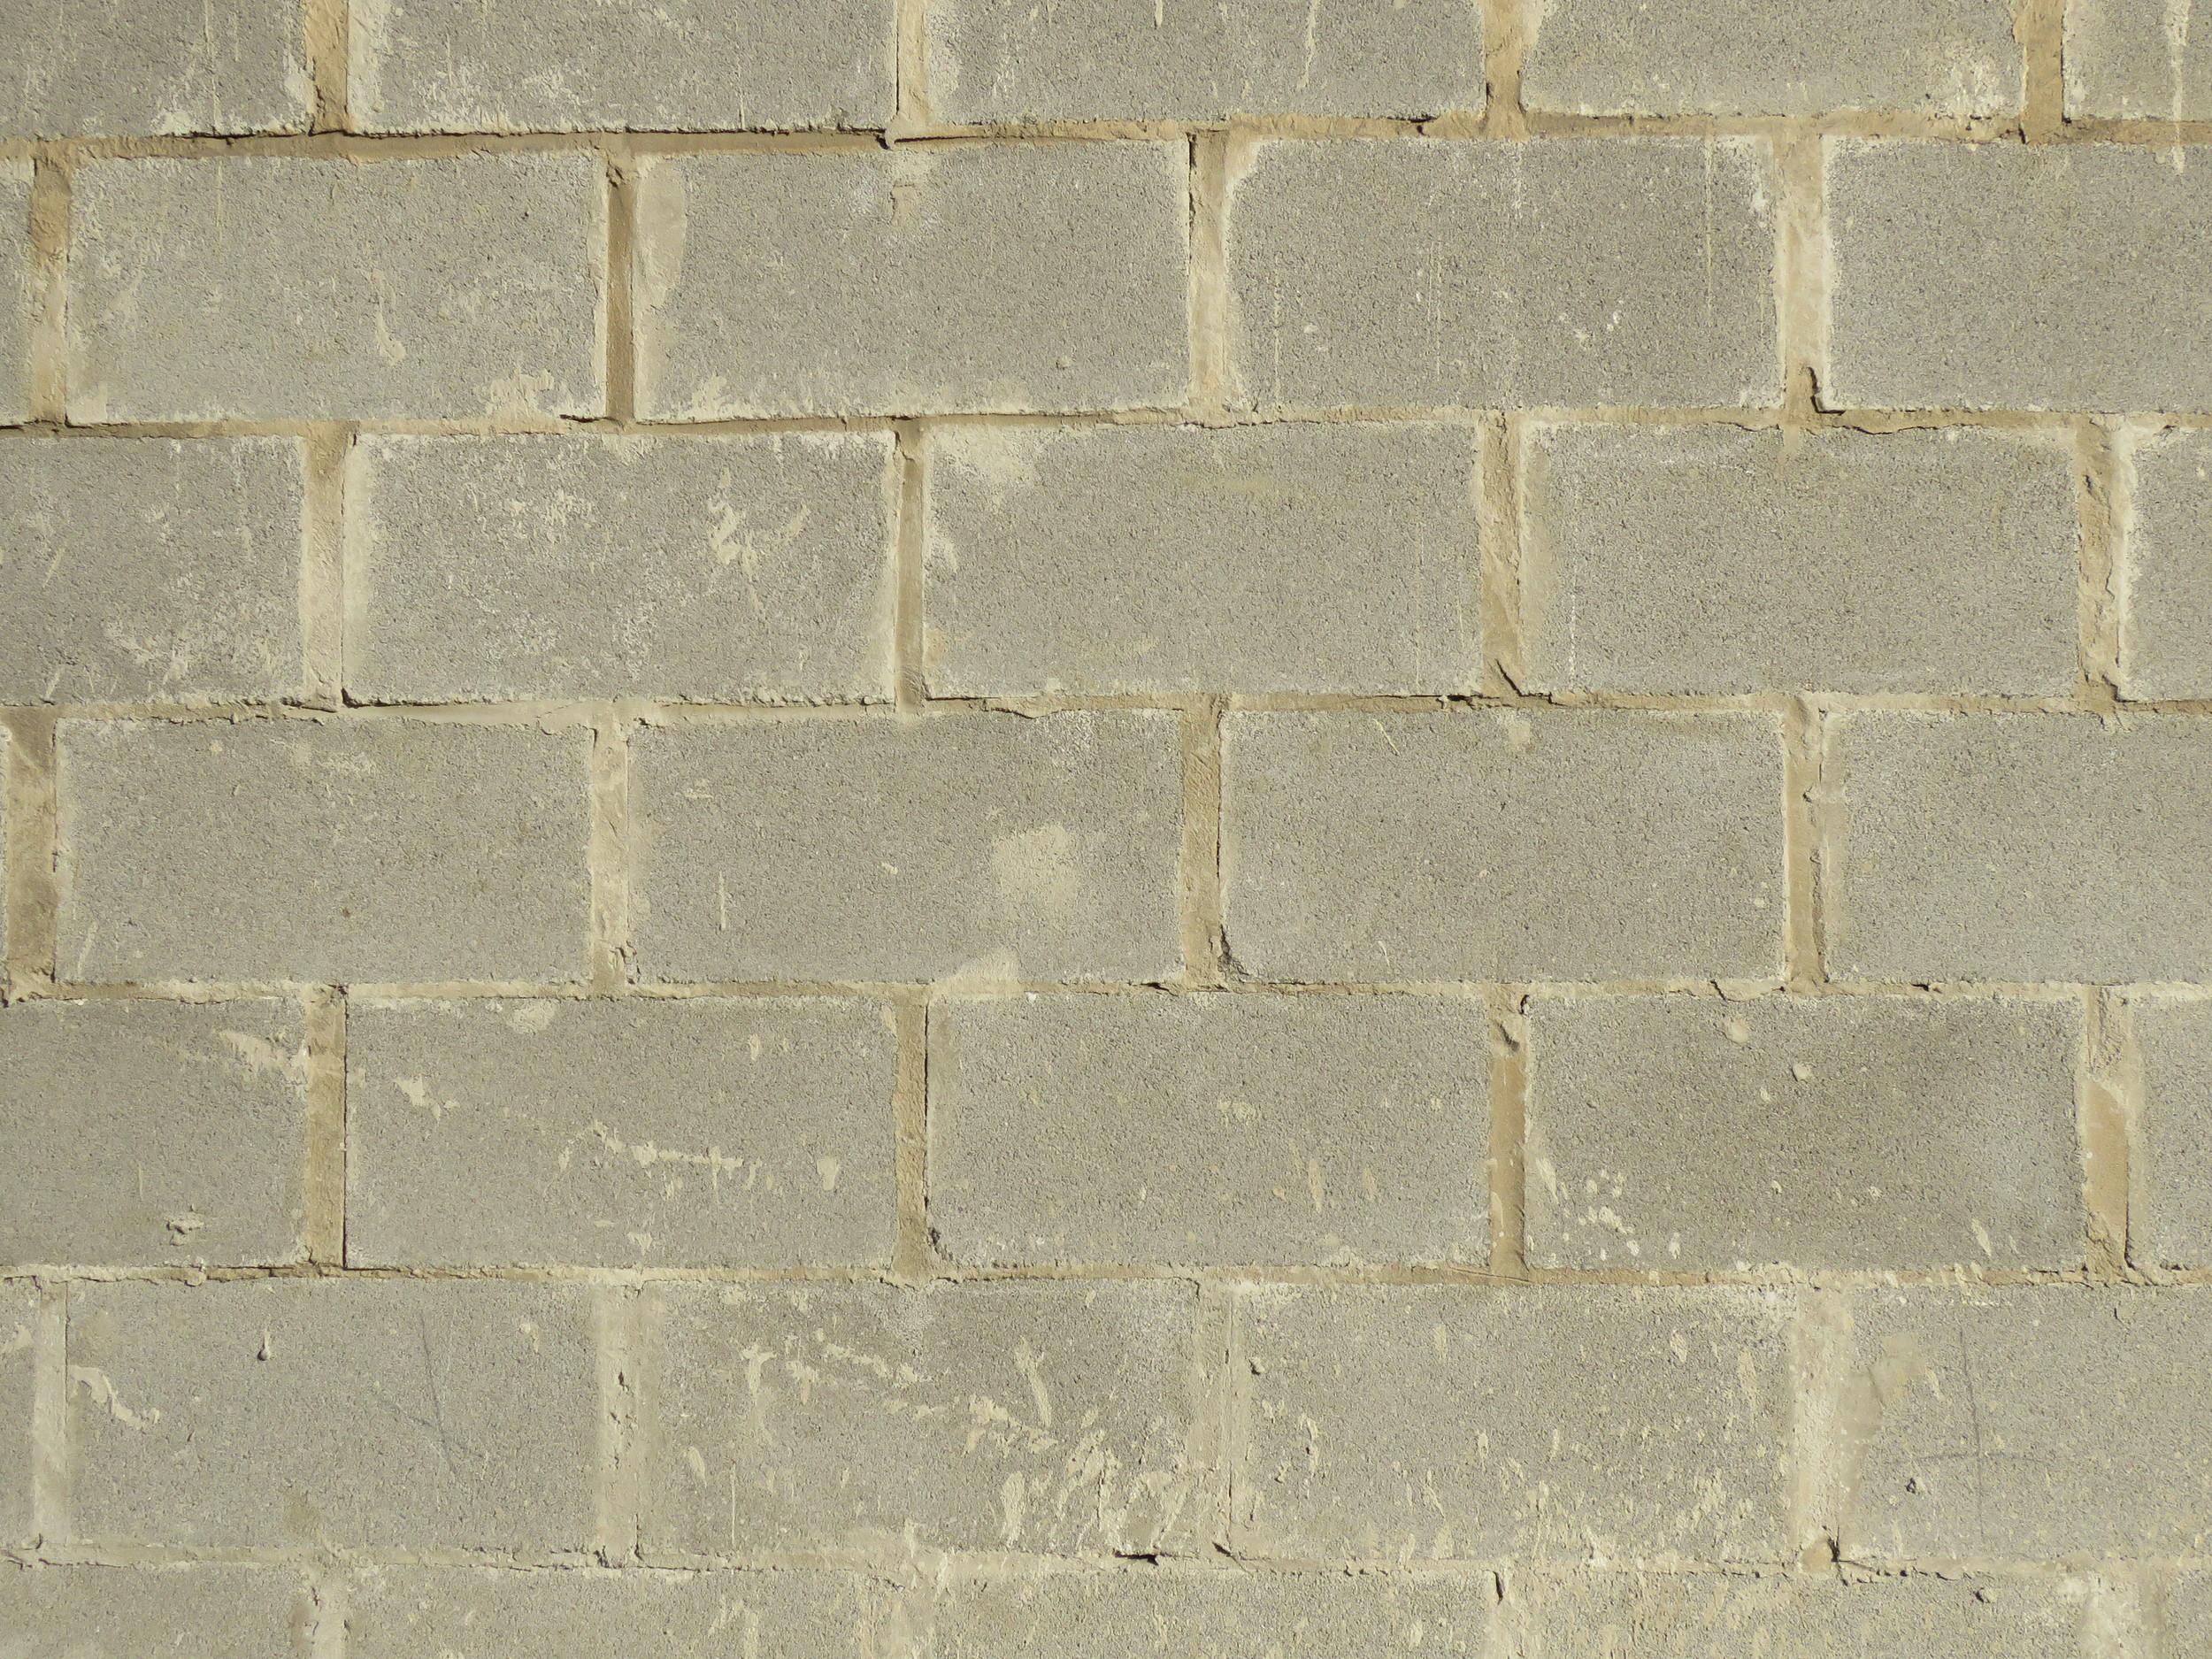 Concrete masonry units.